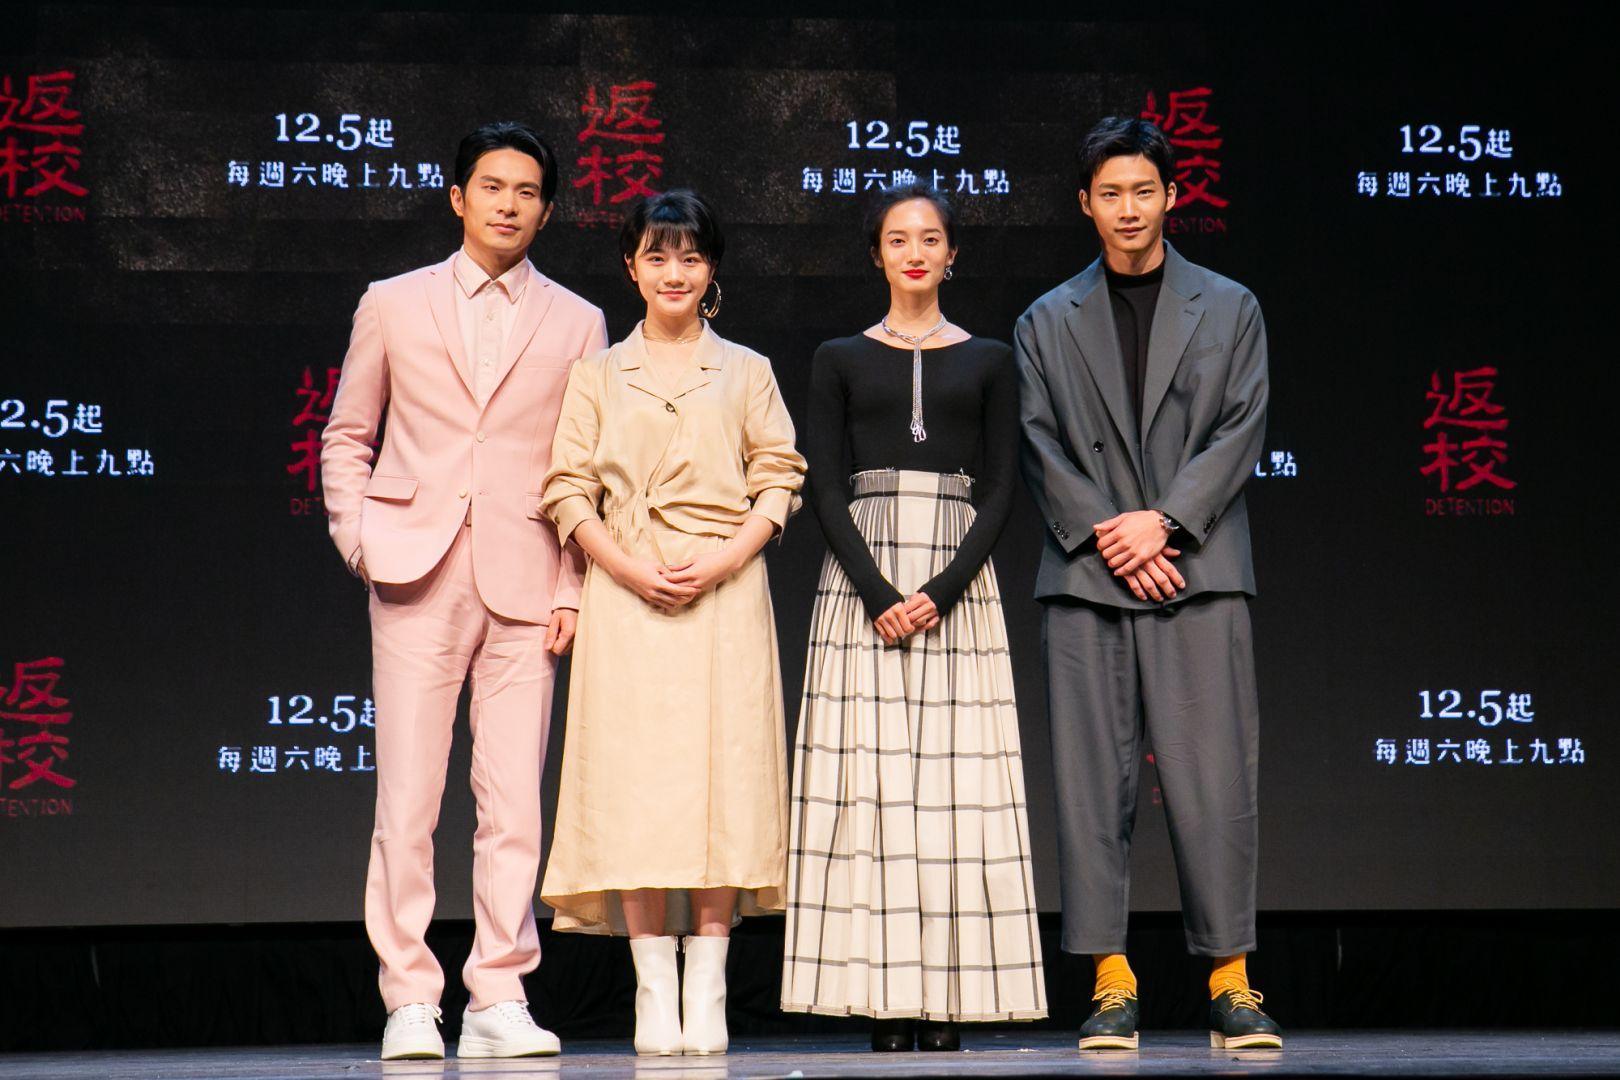 《返校》影集首播記者會-(左起)姚淳耀、李玲葦、韓寧、黃冠智